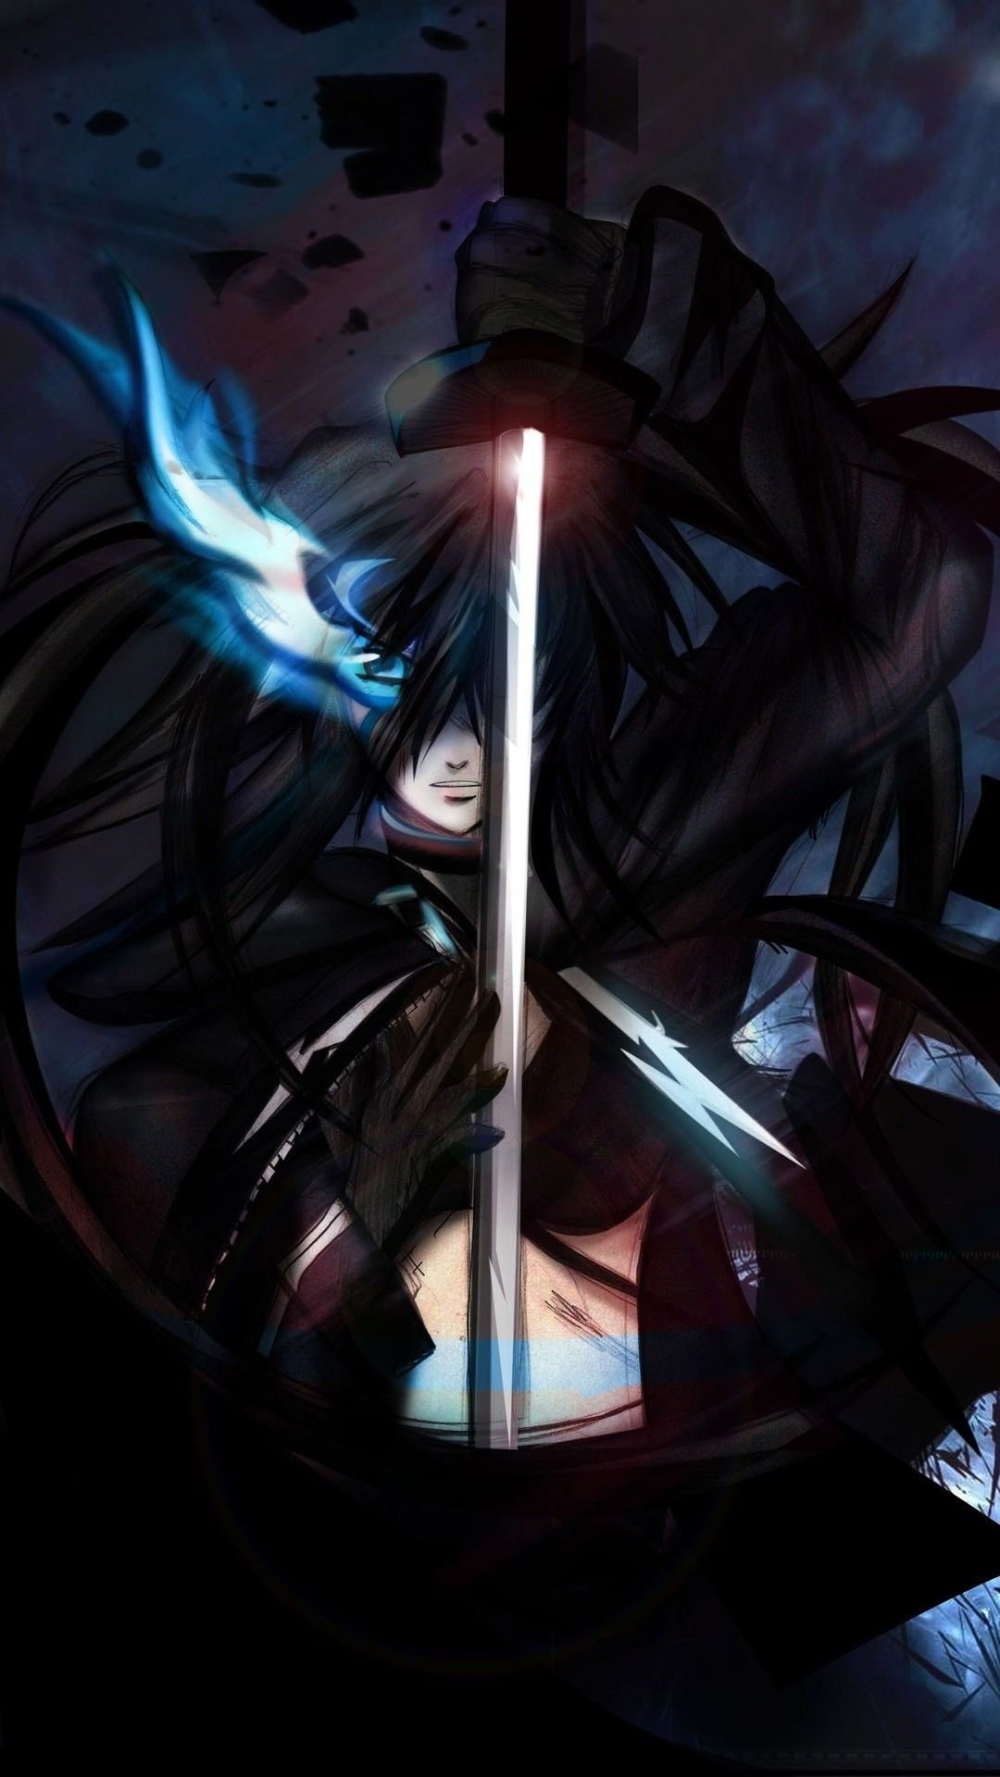 3d Anime Wallpaper Hd For Mobile allwallpaper in 2020